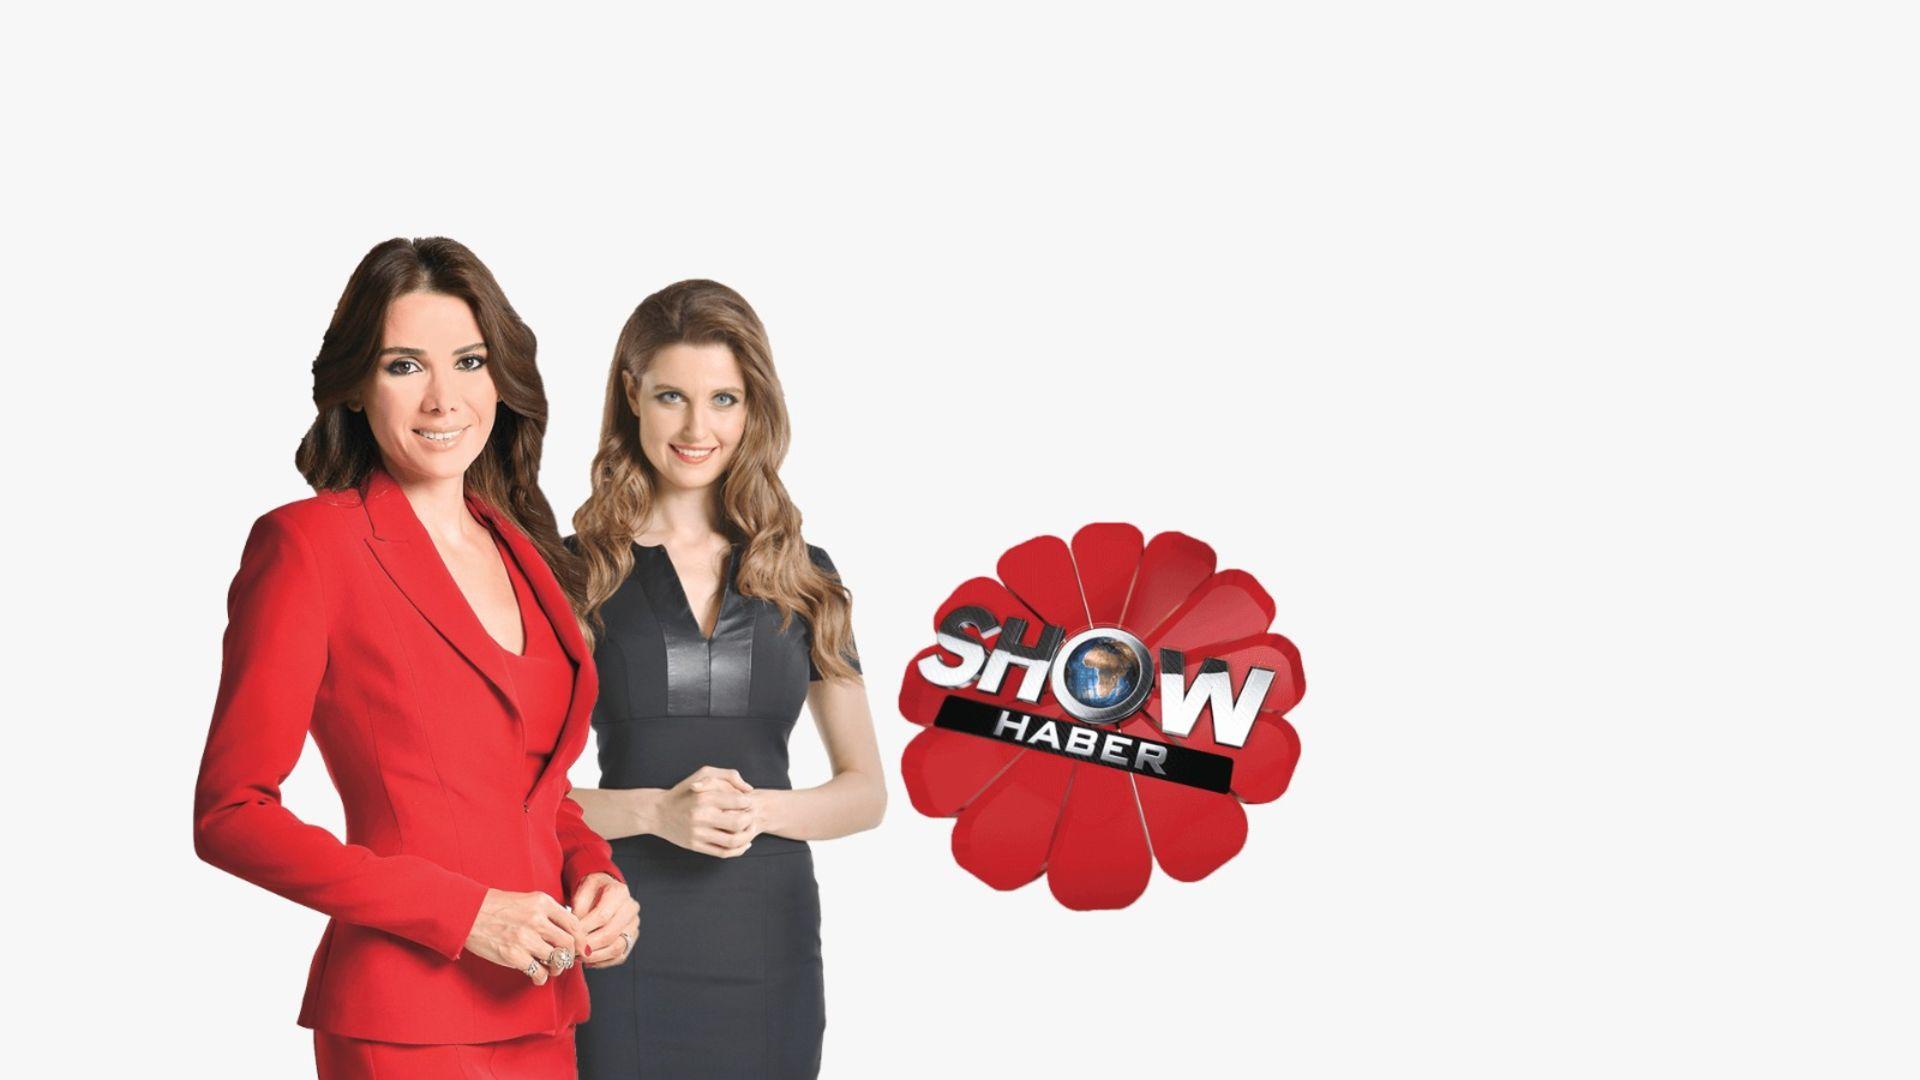 Türkiye, gündemi Show Haber'den takip etti!